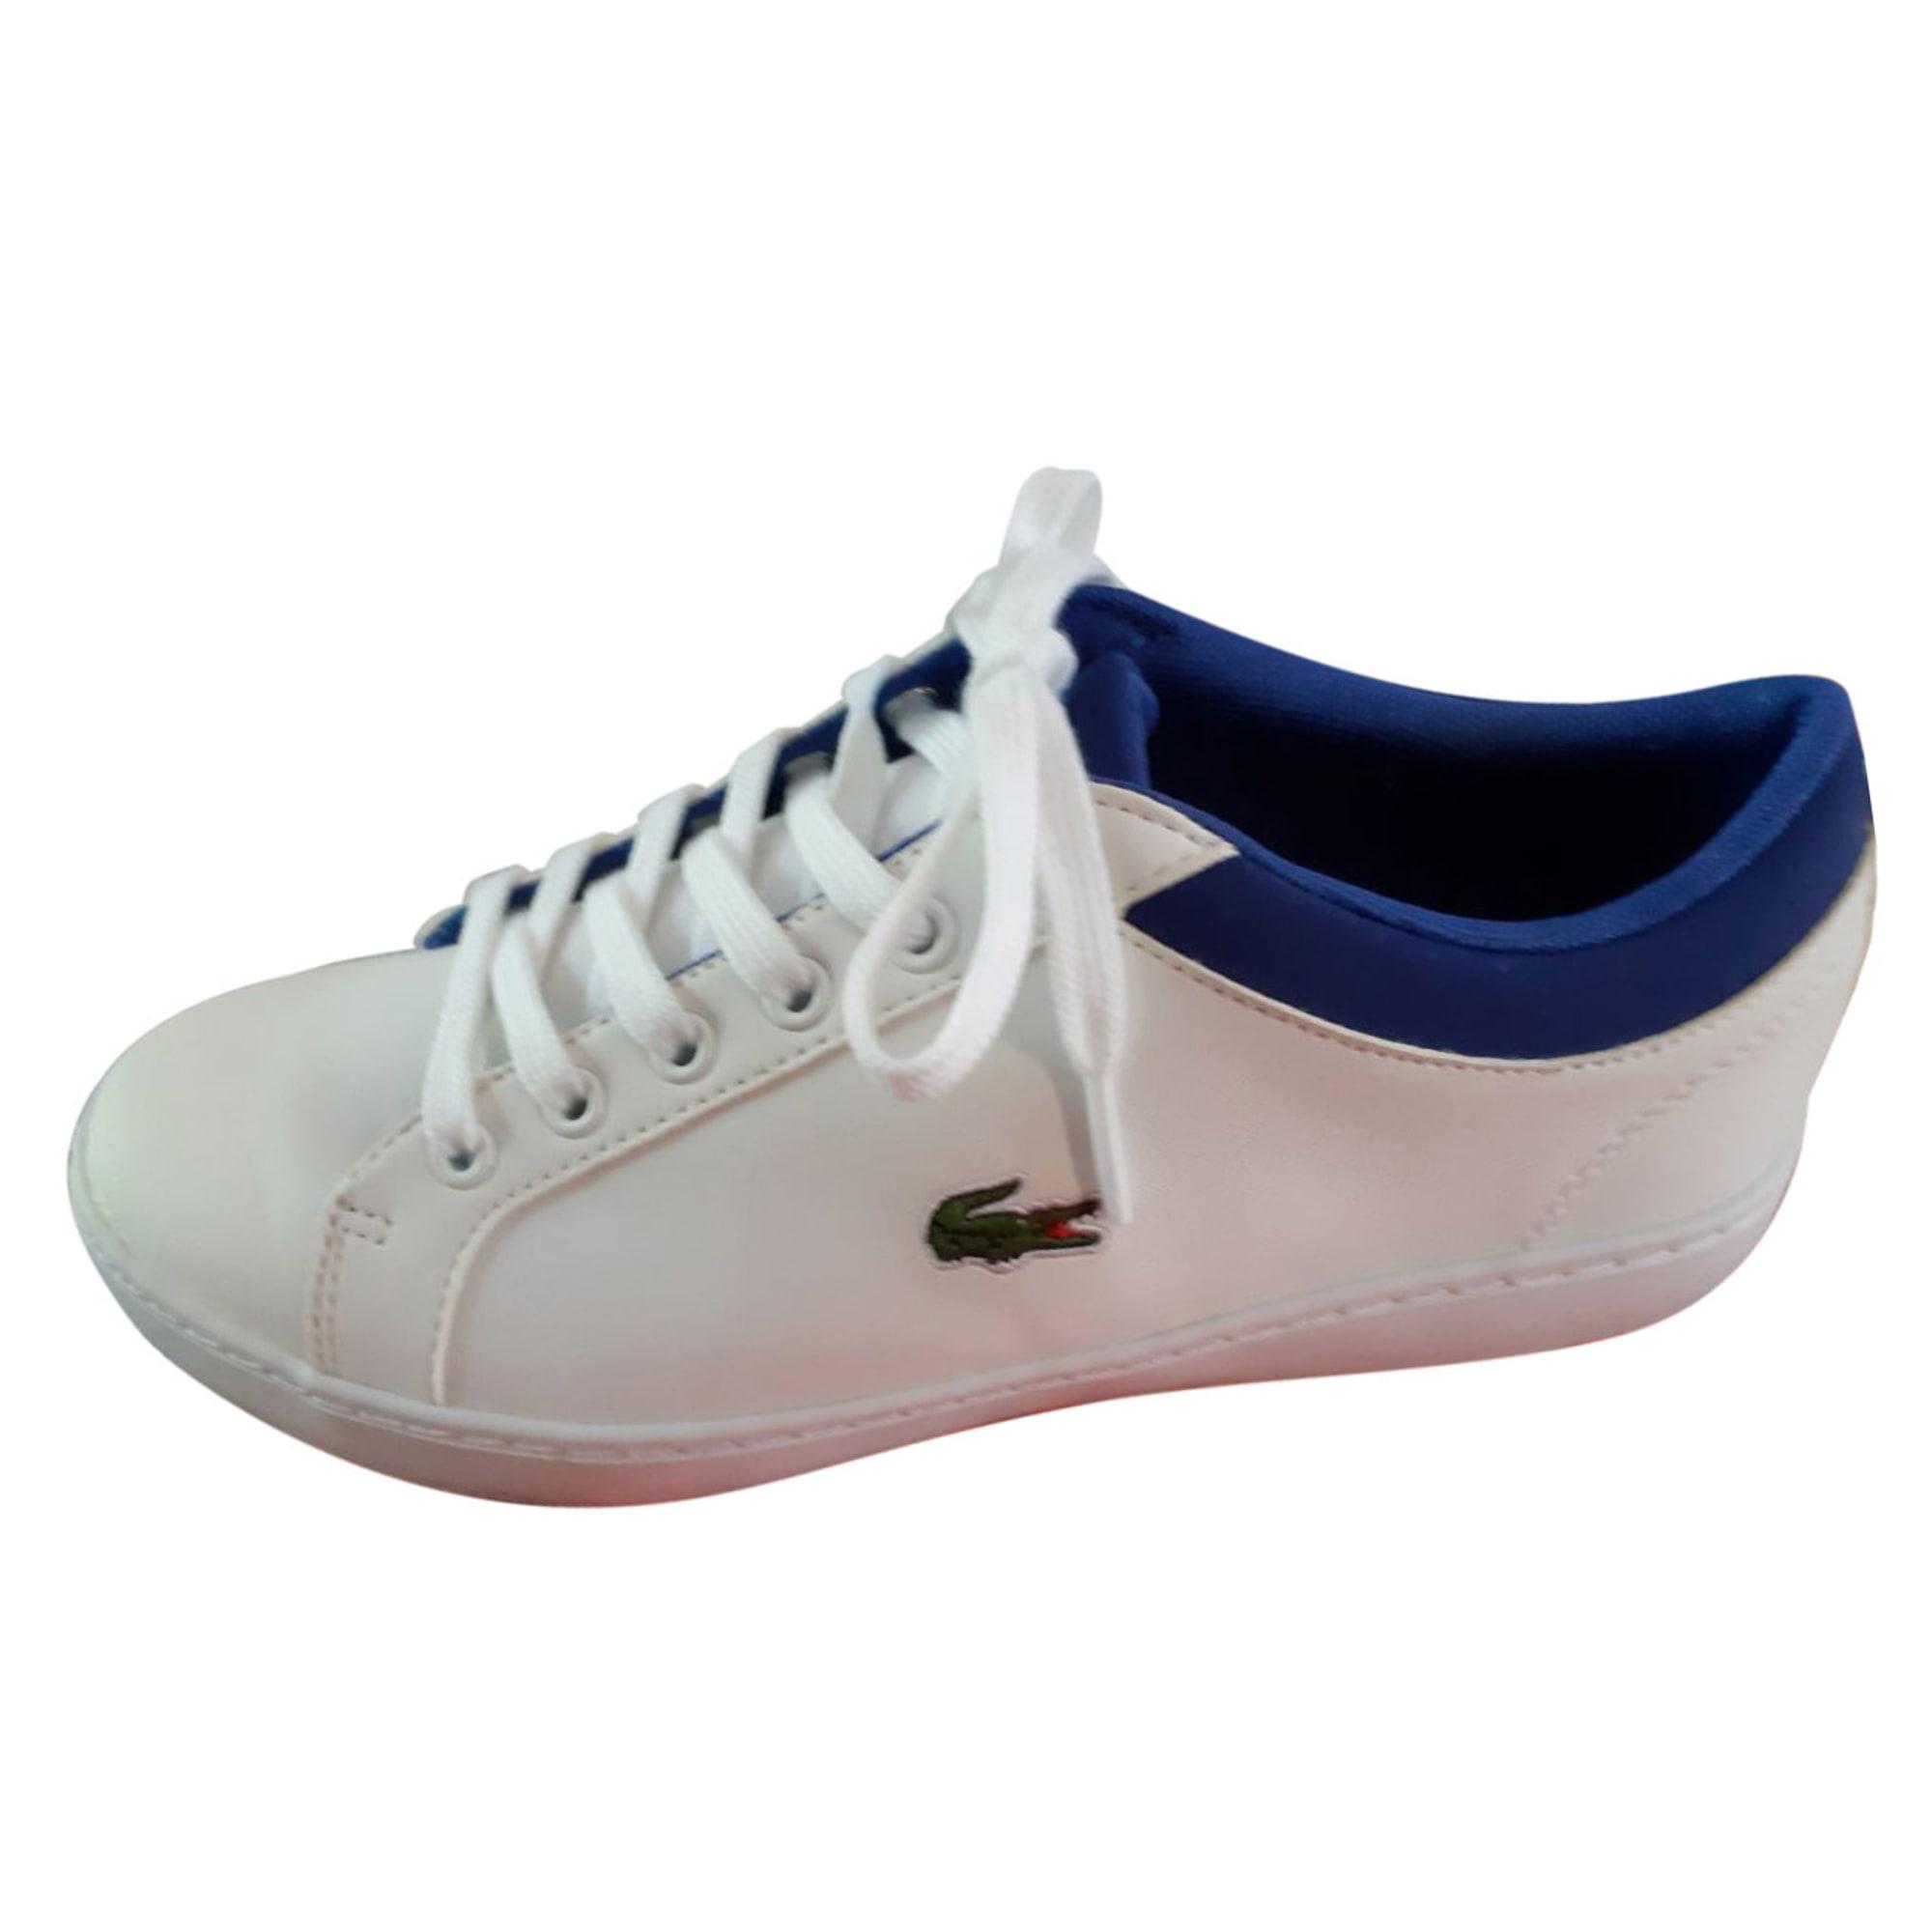 f8cf6e181fb basket lacoste 37 pas cher en ligne sur mikechaussure.fr sont chauds à  vendre. Venez choisir les meilleures chaussures Nike pour les enfants